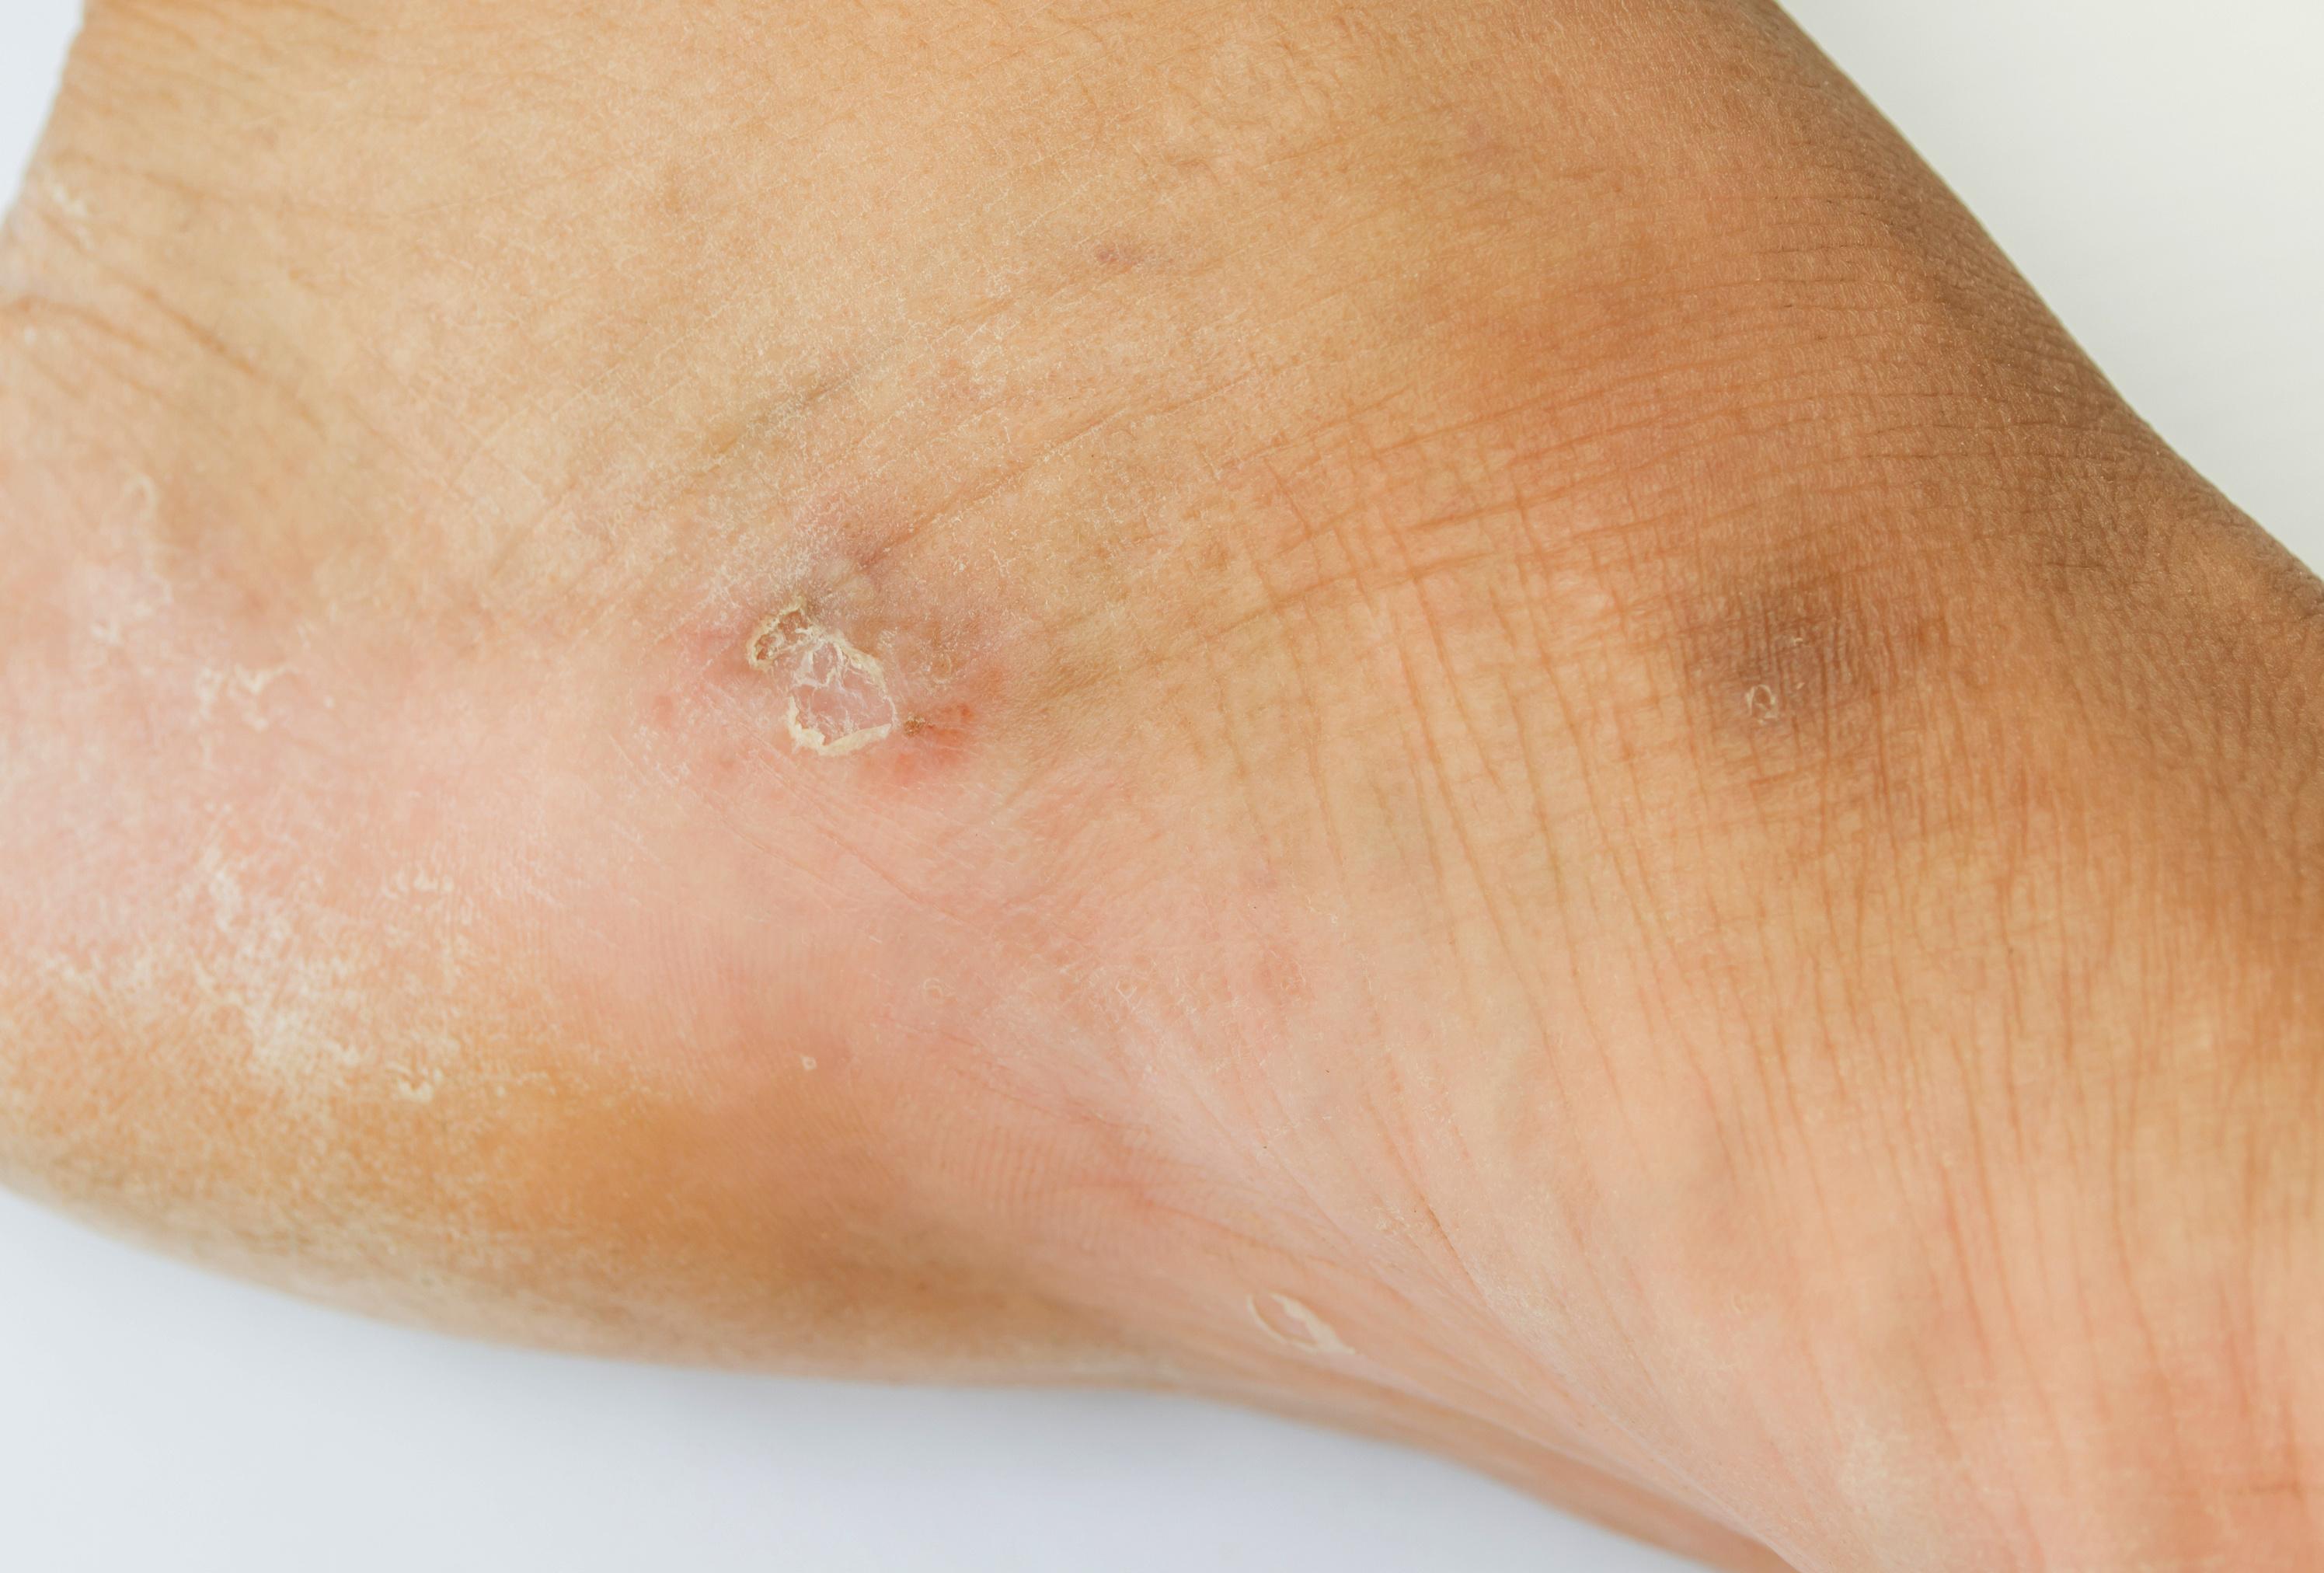 fertőzés a lábán vörös foltok